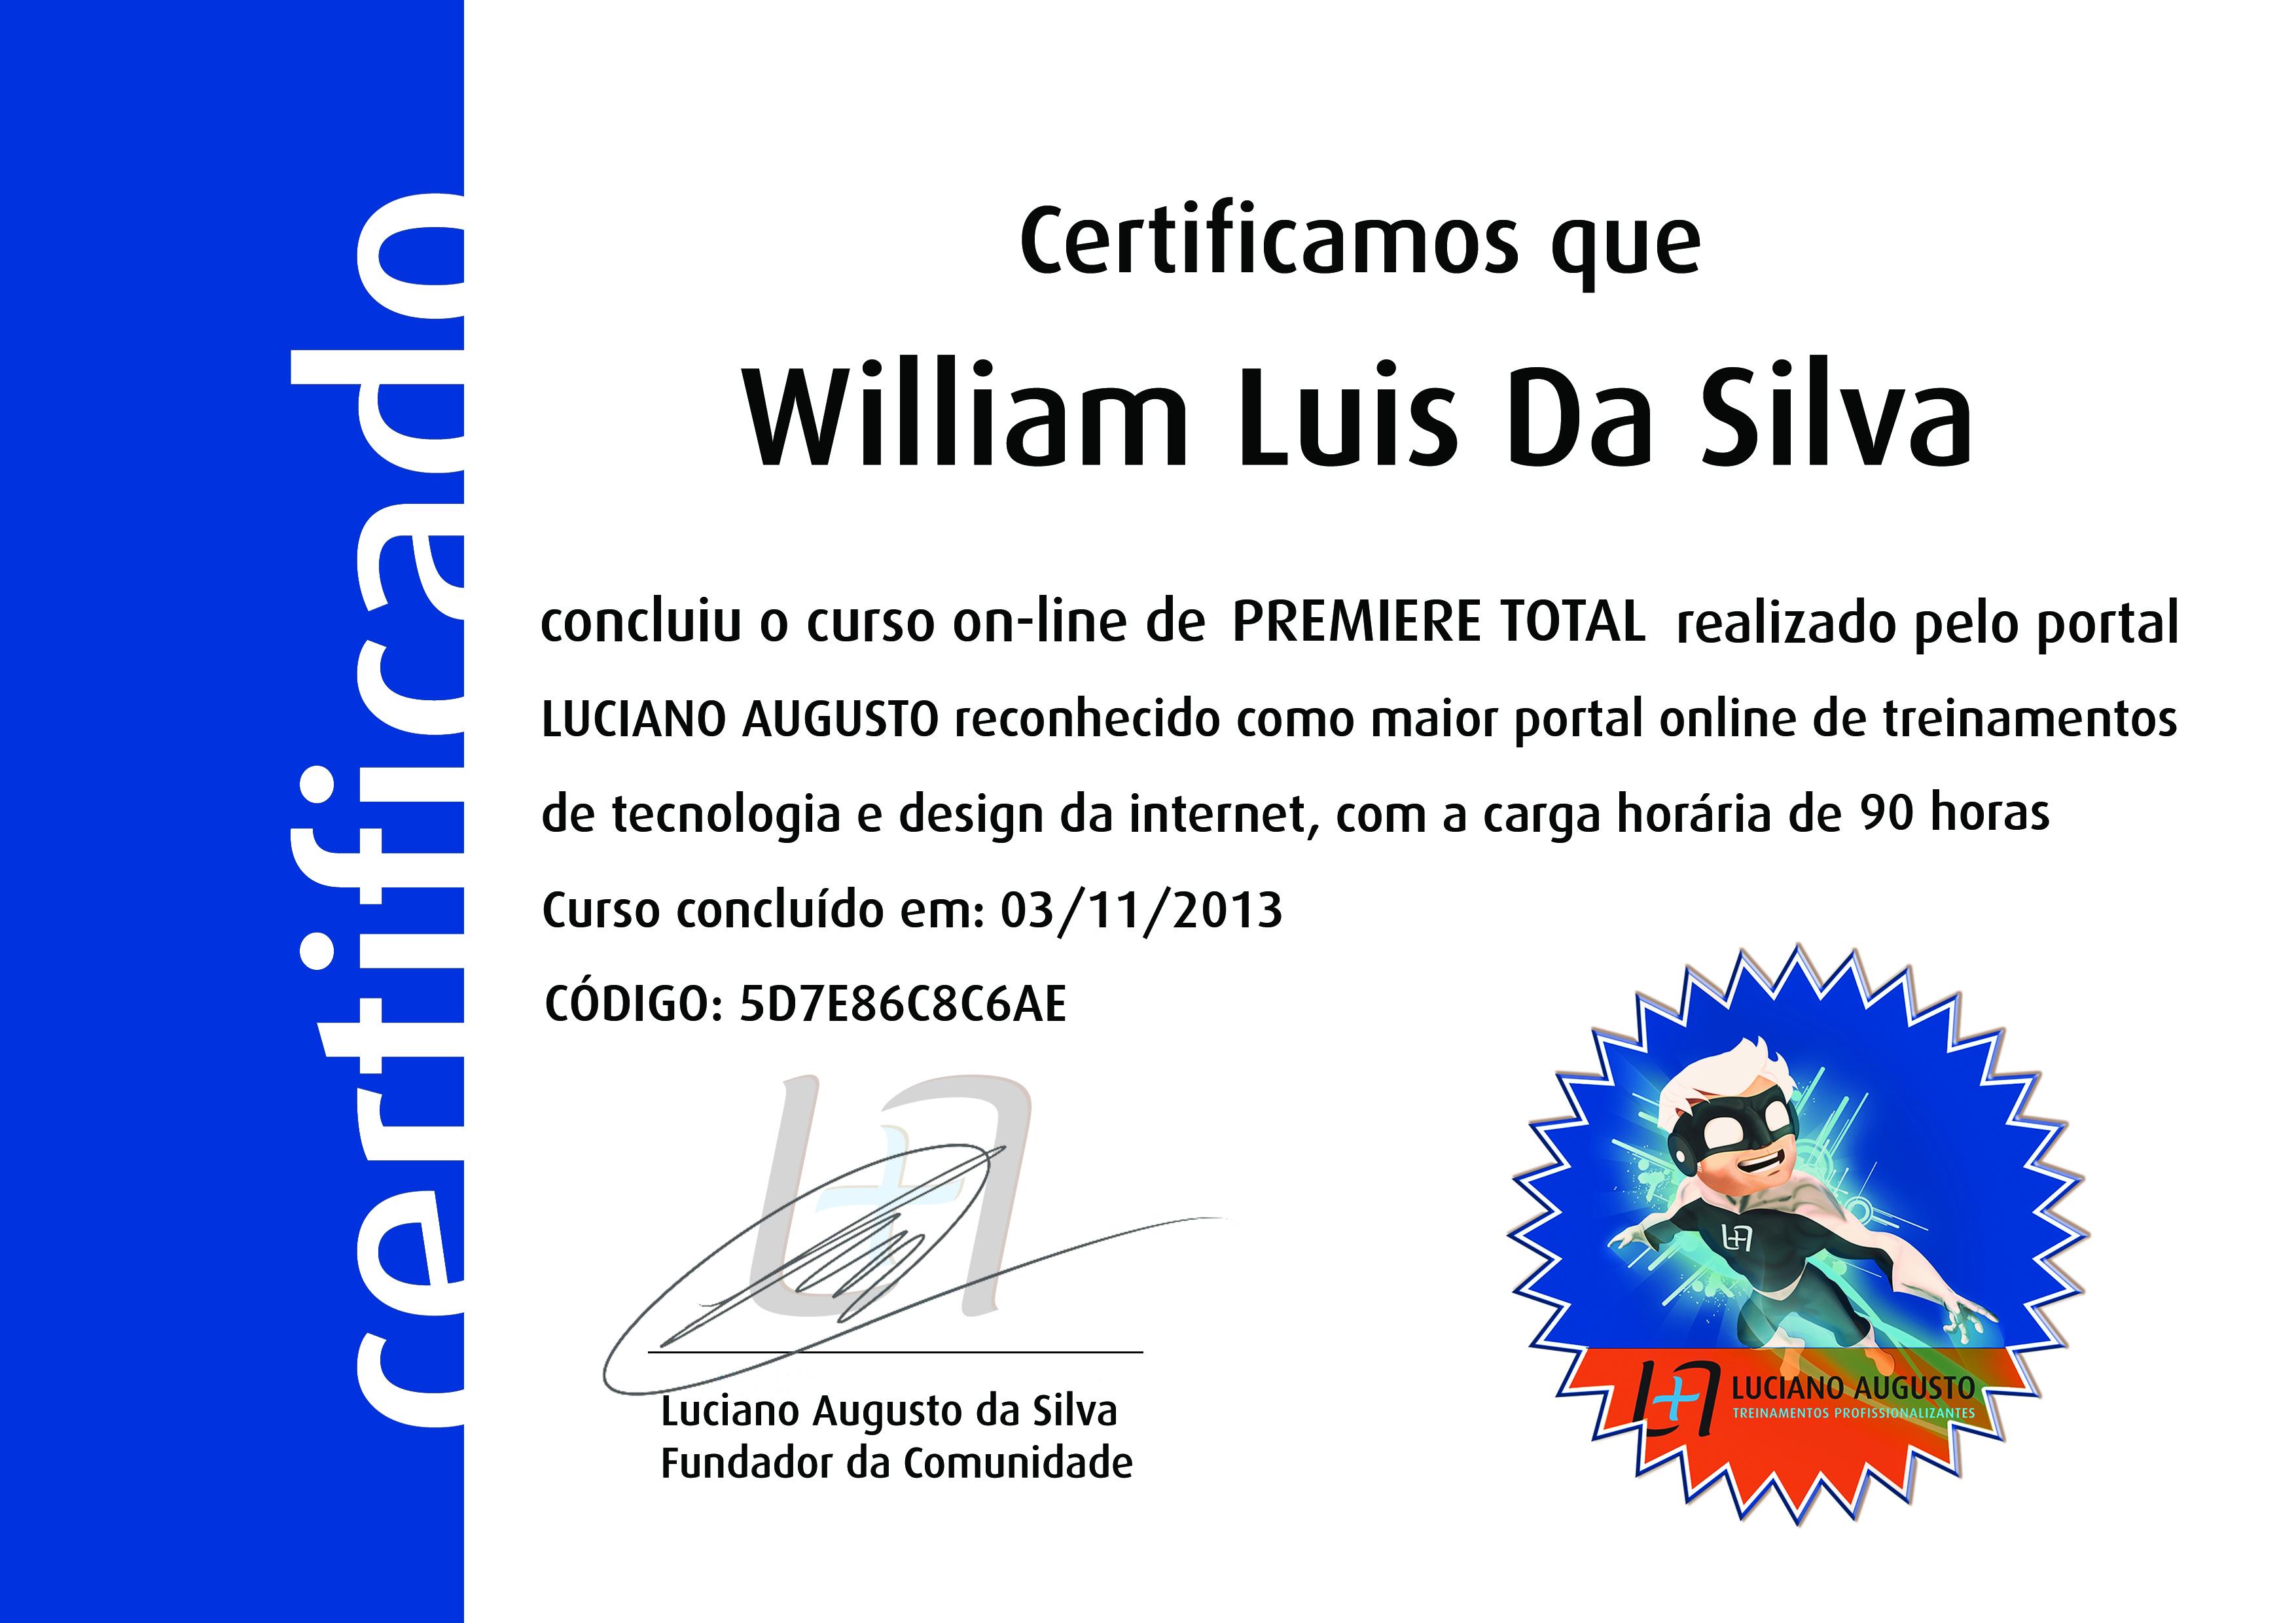 William Luis - Premiere